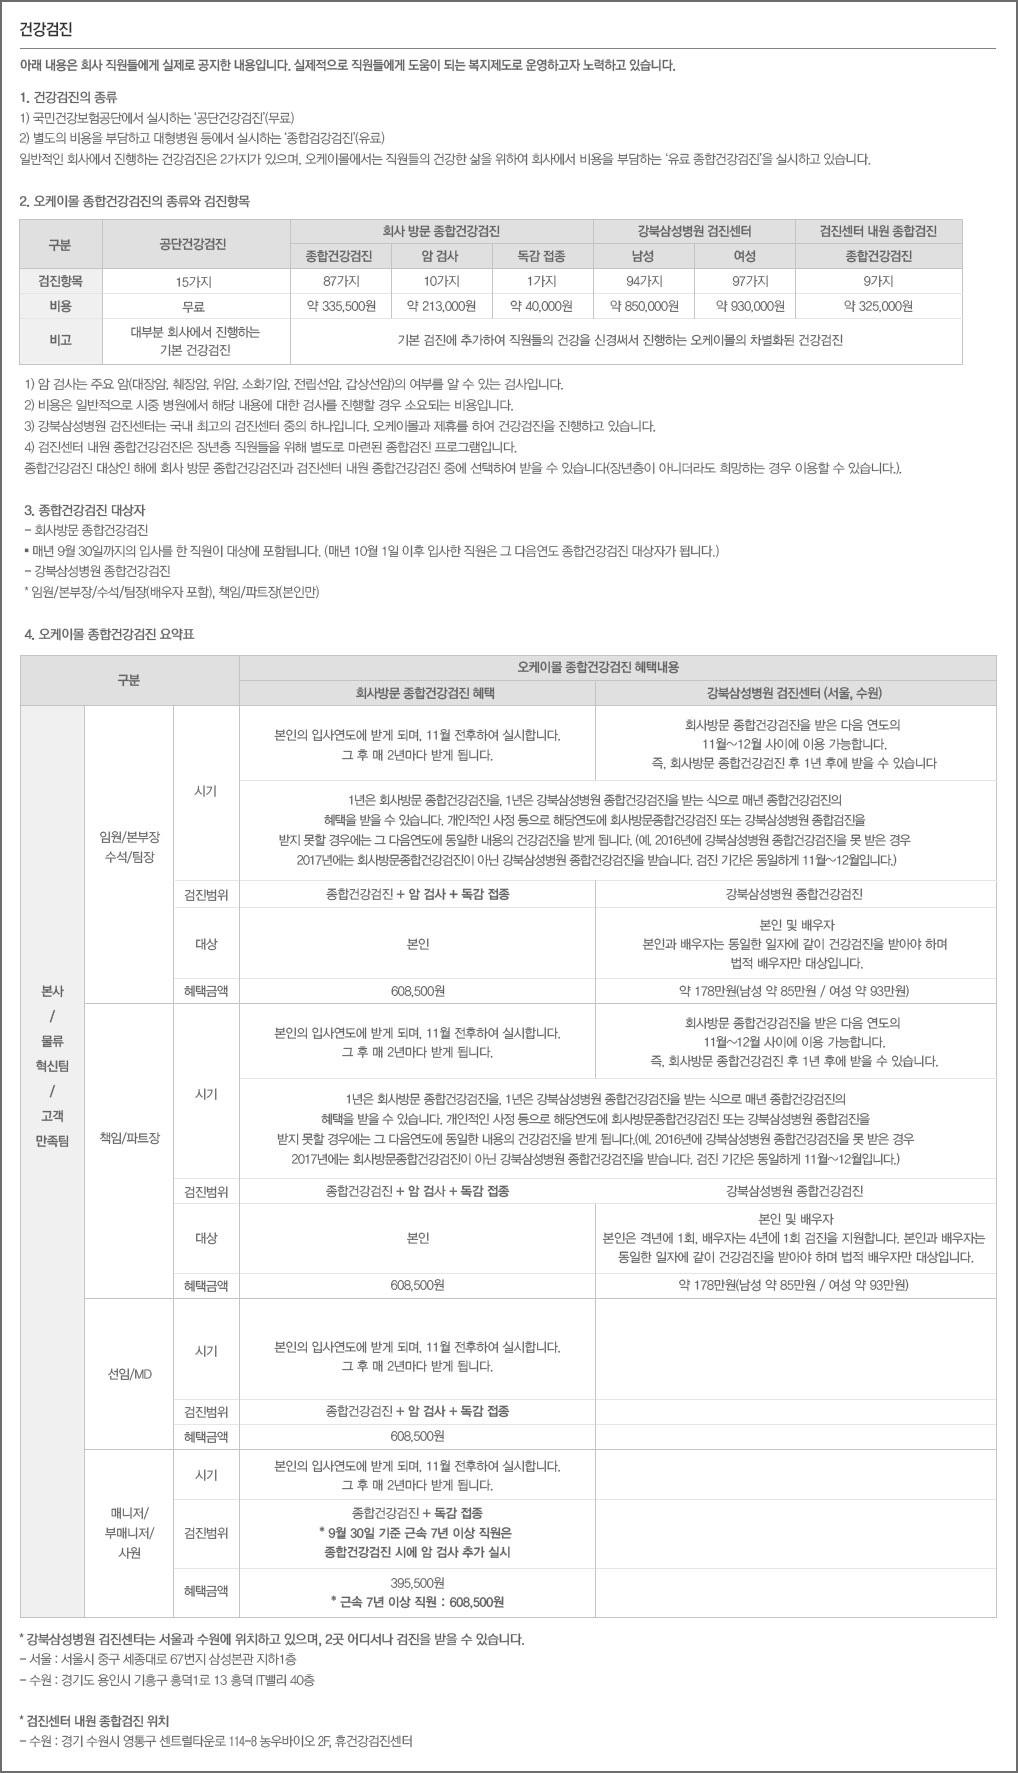 오케이몰의 건강검진 소개